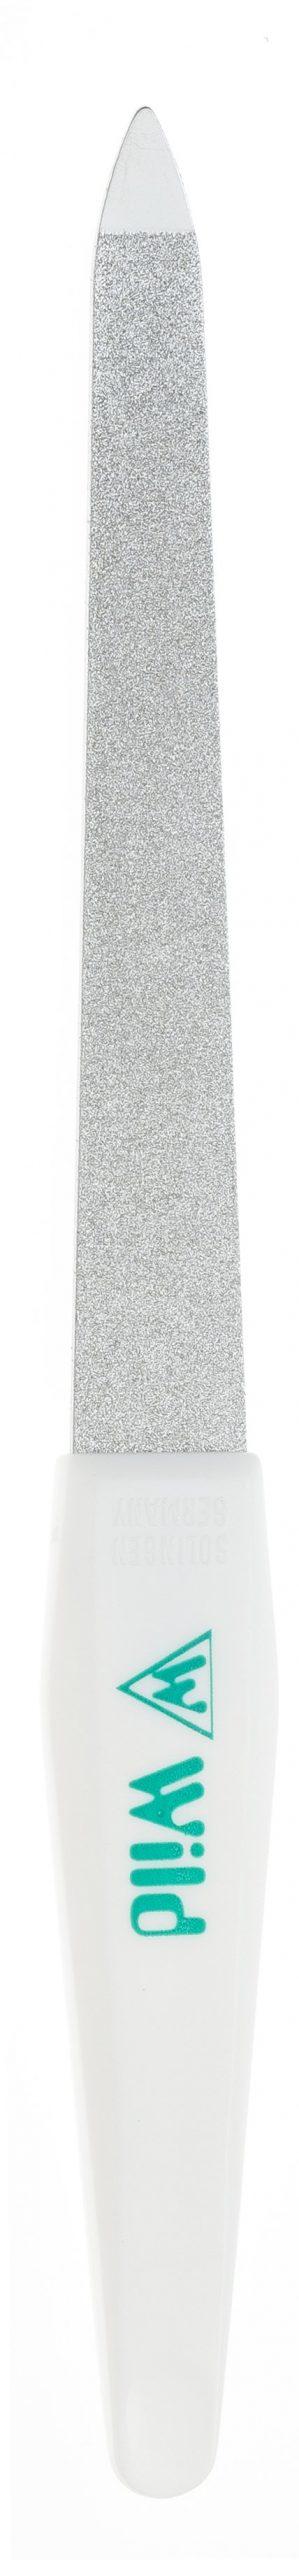 Saphir-Flachfeile in verschiedenen Längen erhältlich 90.500.03zum Preis von 3.61 zzgl. Versand Hersteller : Heiko Wild